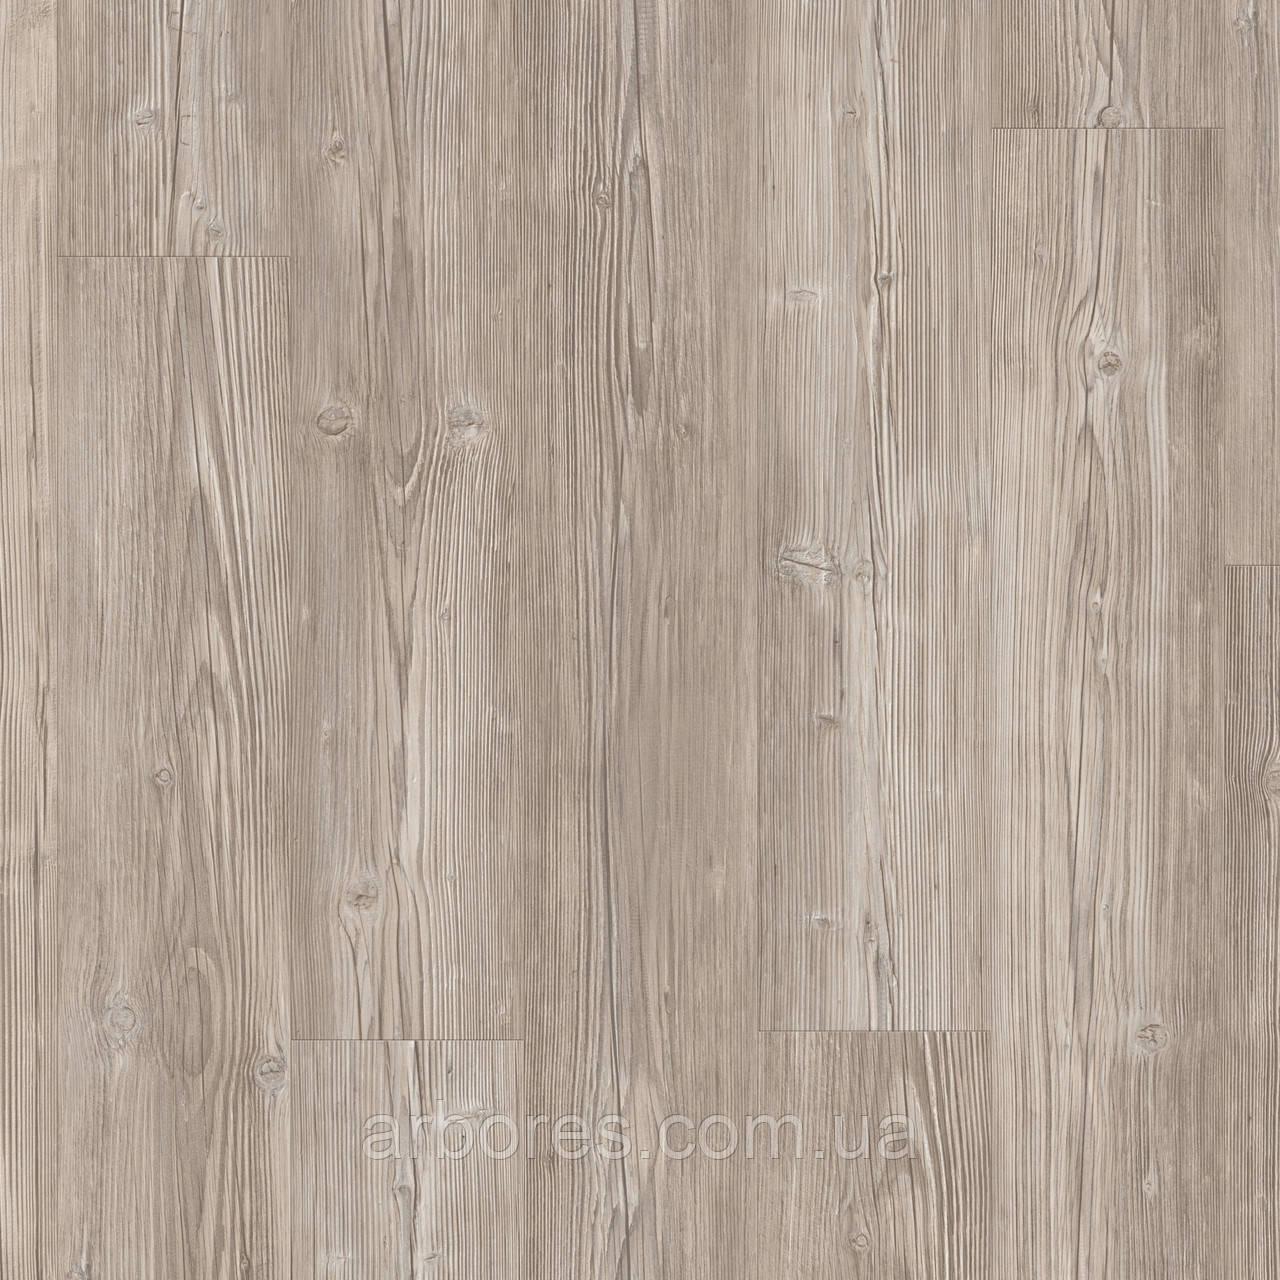 Виниловая плитка Quick-Step Livyn Balance Click+ BACP40055 Сосна современная серая